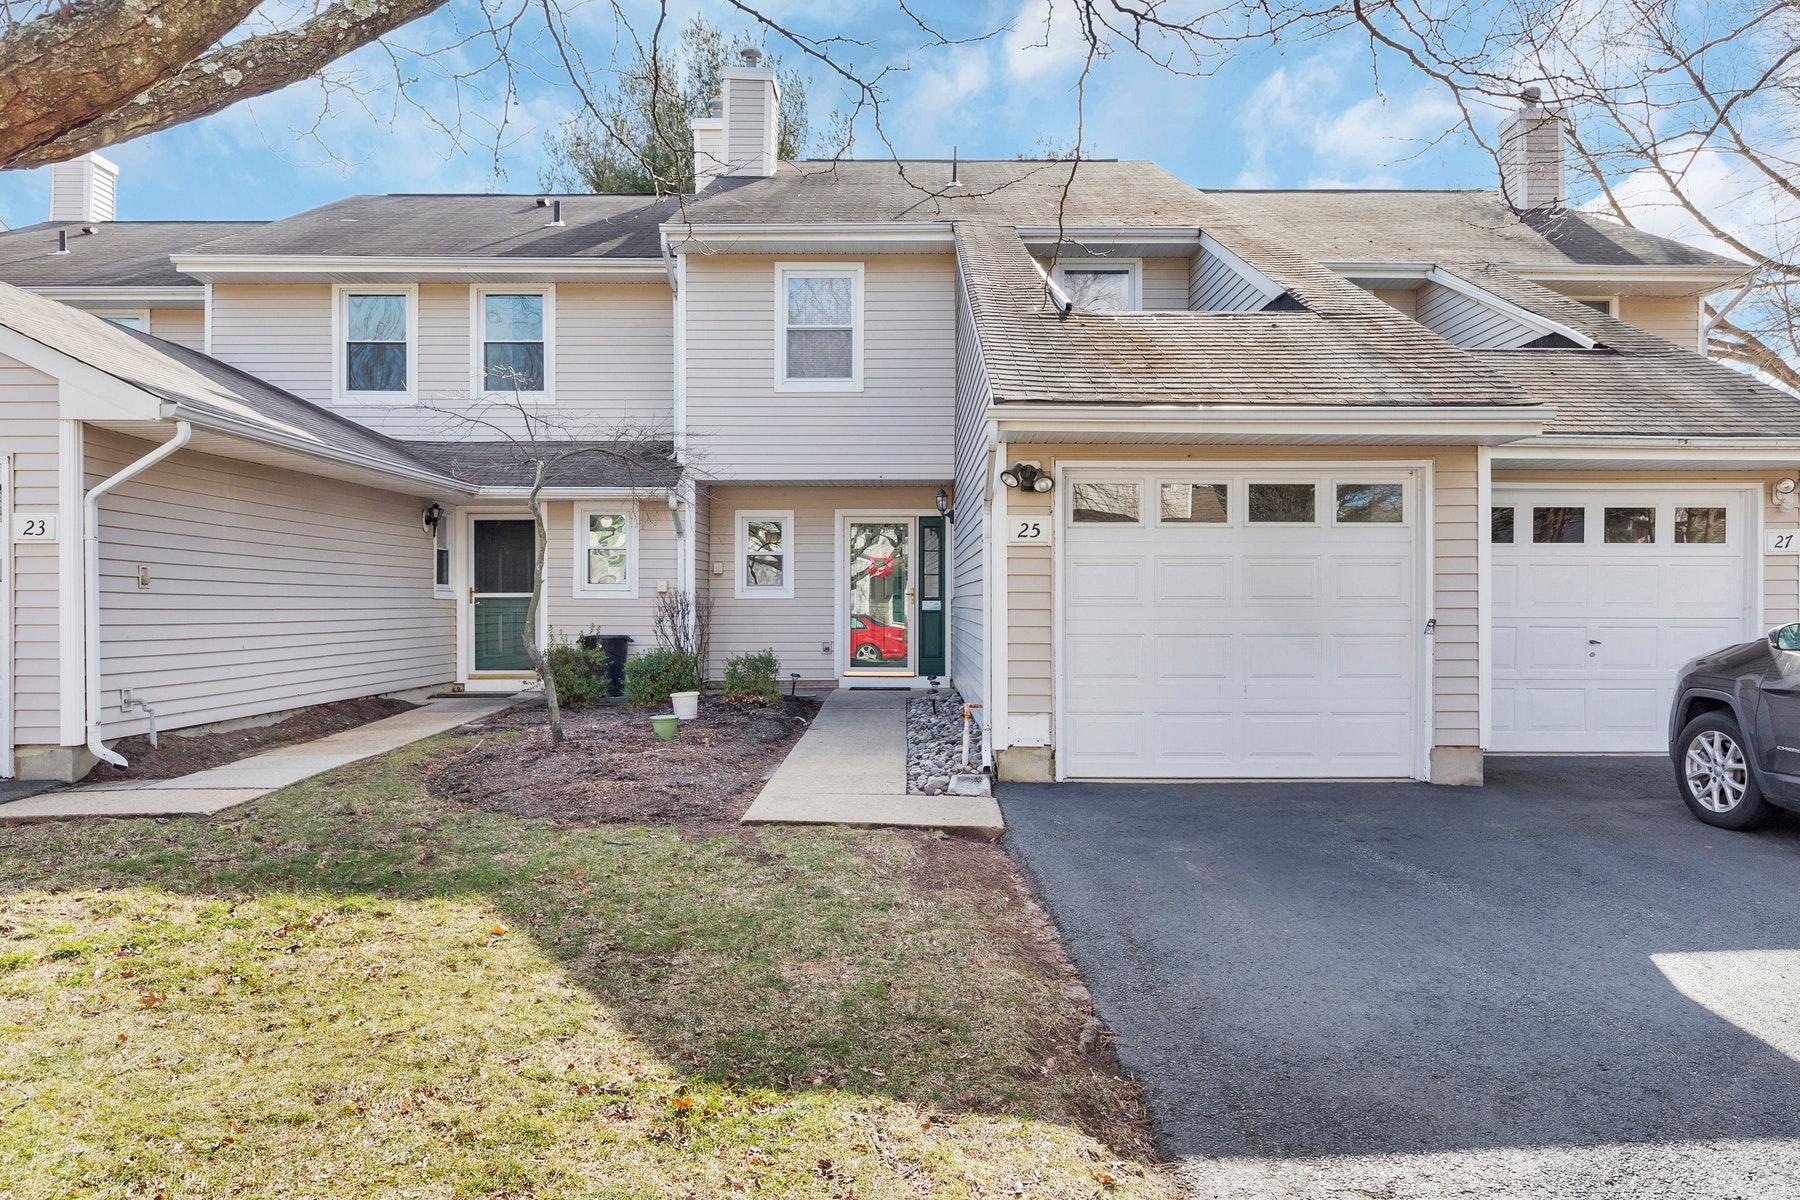 townhouses для того Продажа на Spacious Unit! 25 Woodmere Drive, Parlin, Нью-Джерси 08859 Соединенные Штаты